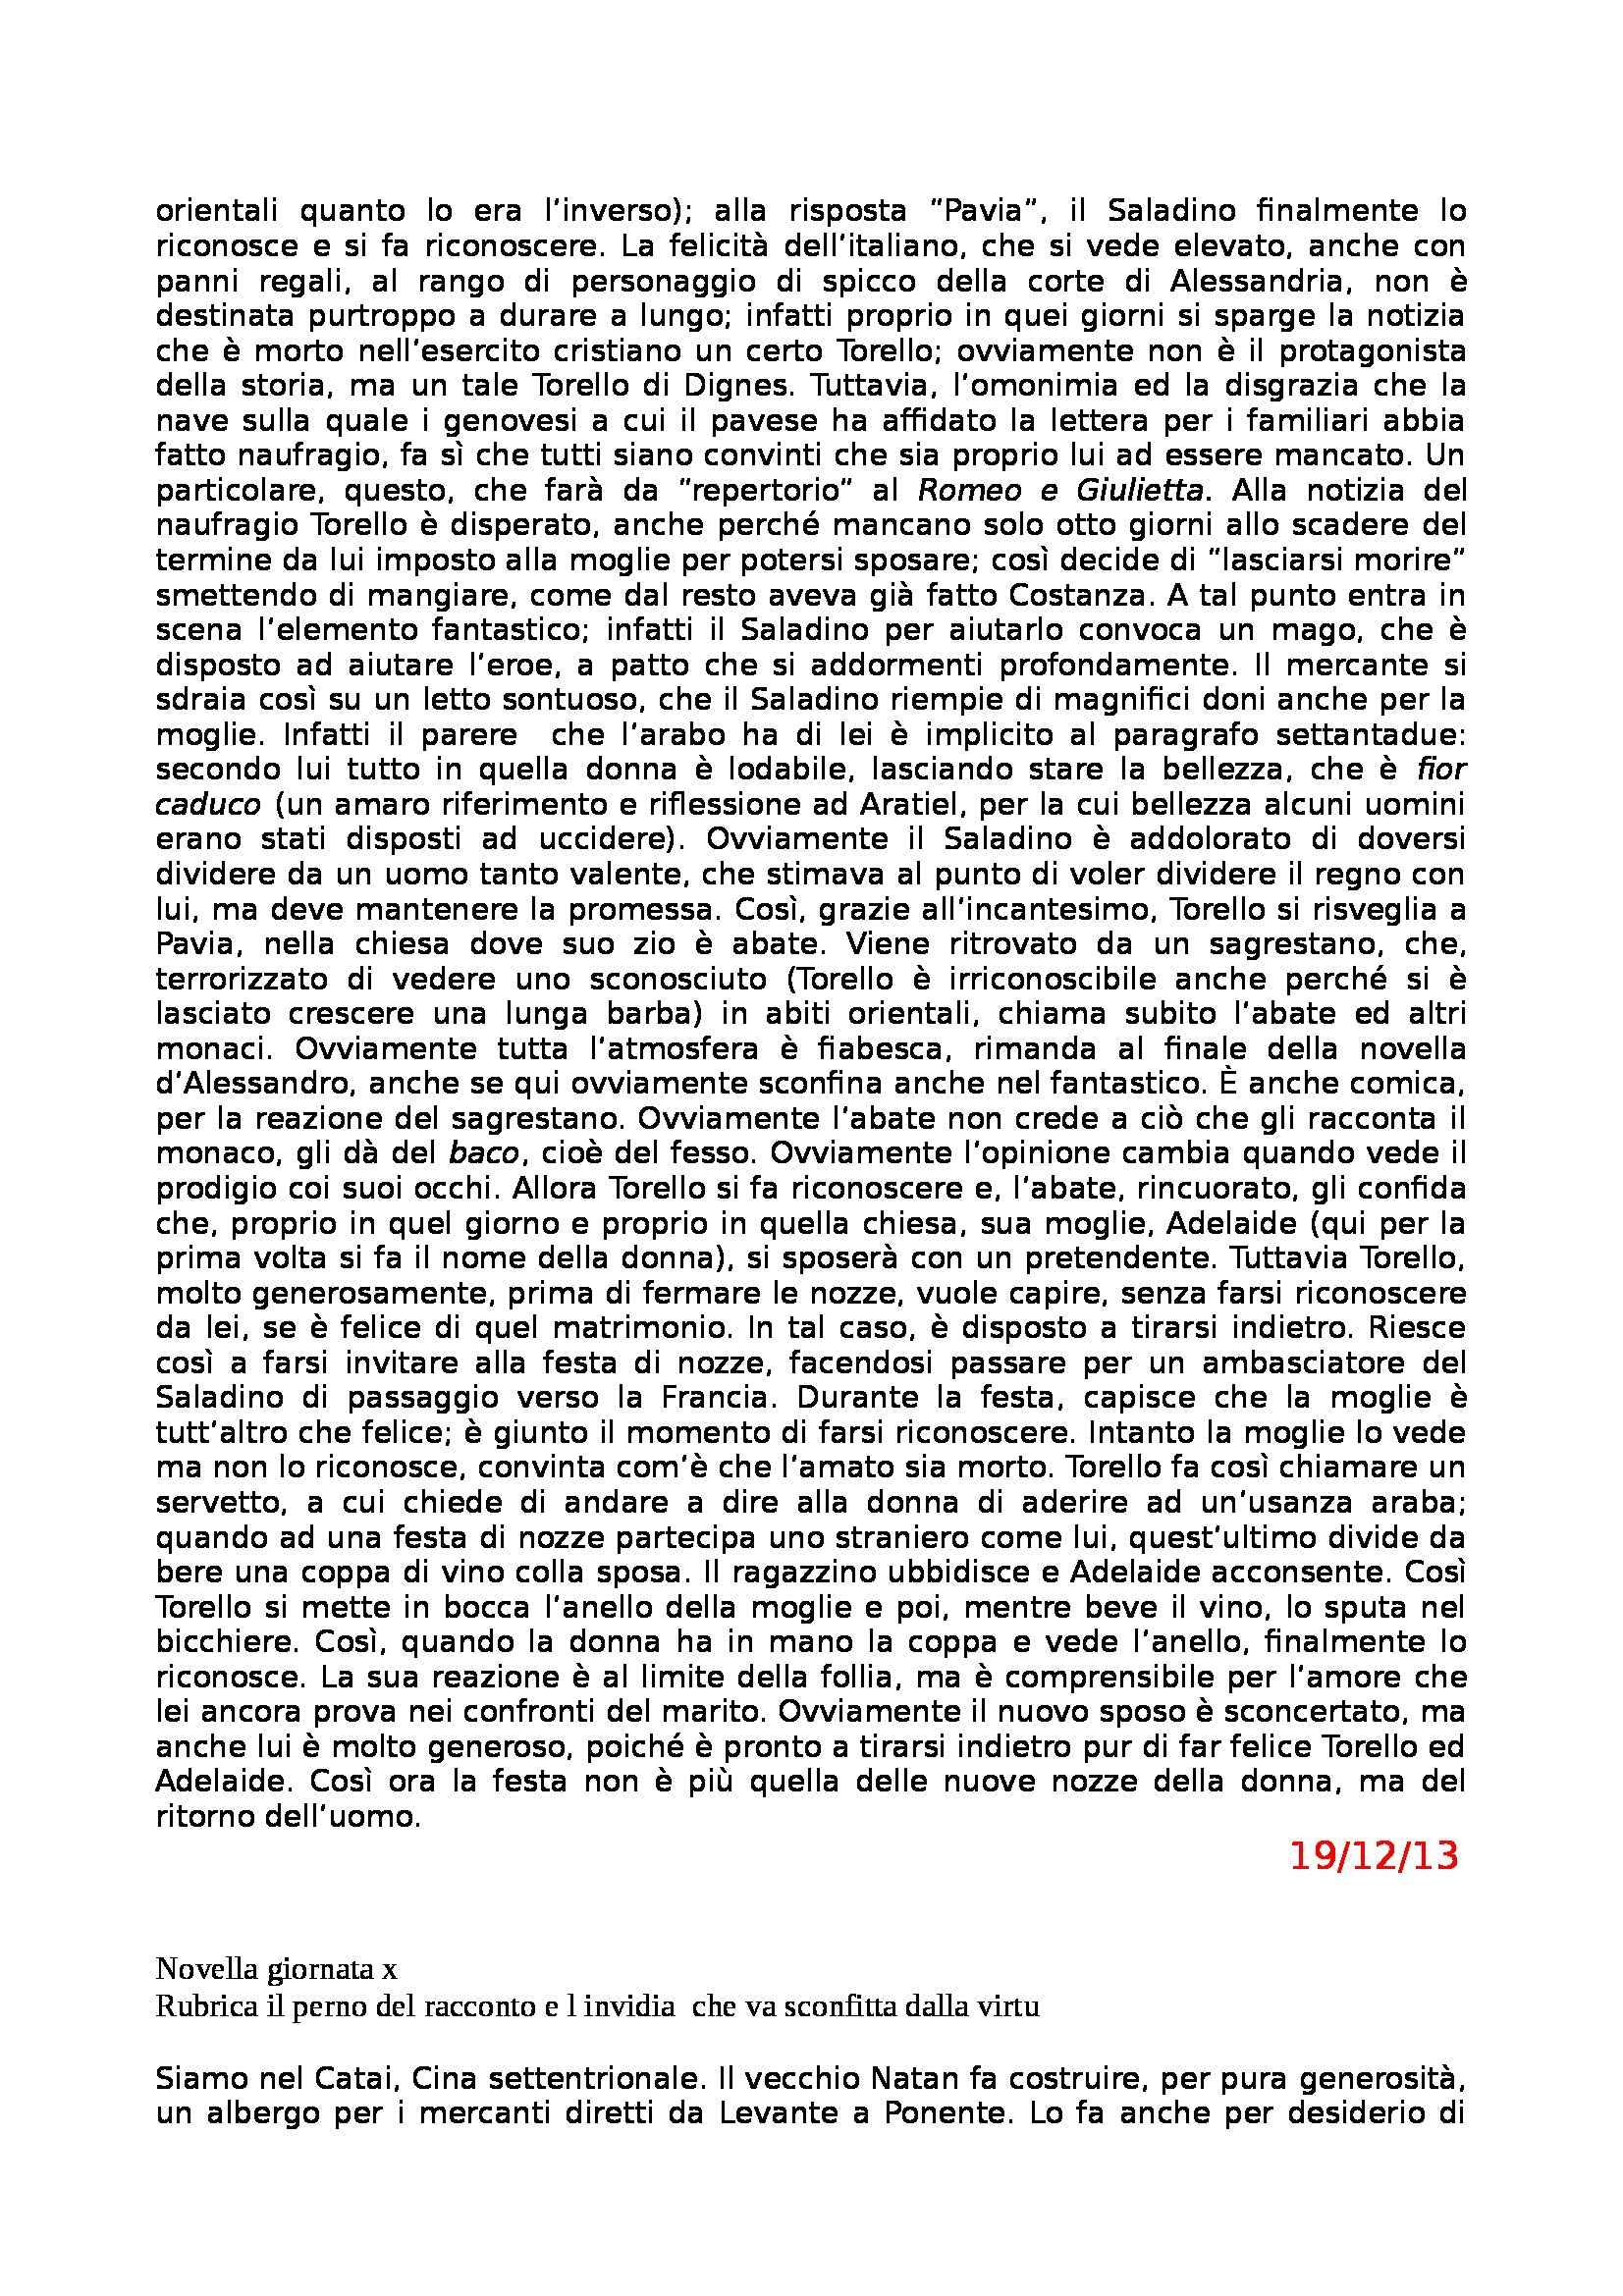 Letteratura Italiana - Boccaccio e Decameron Pag. 31